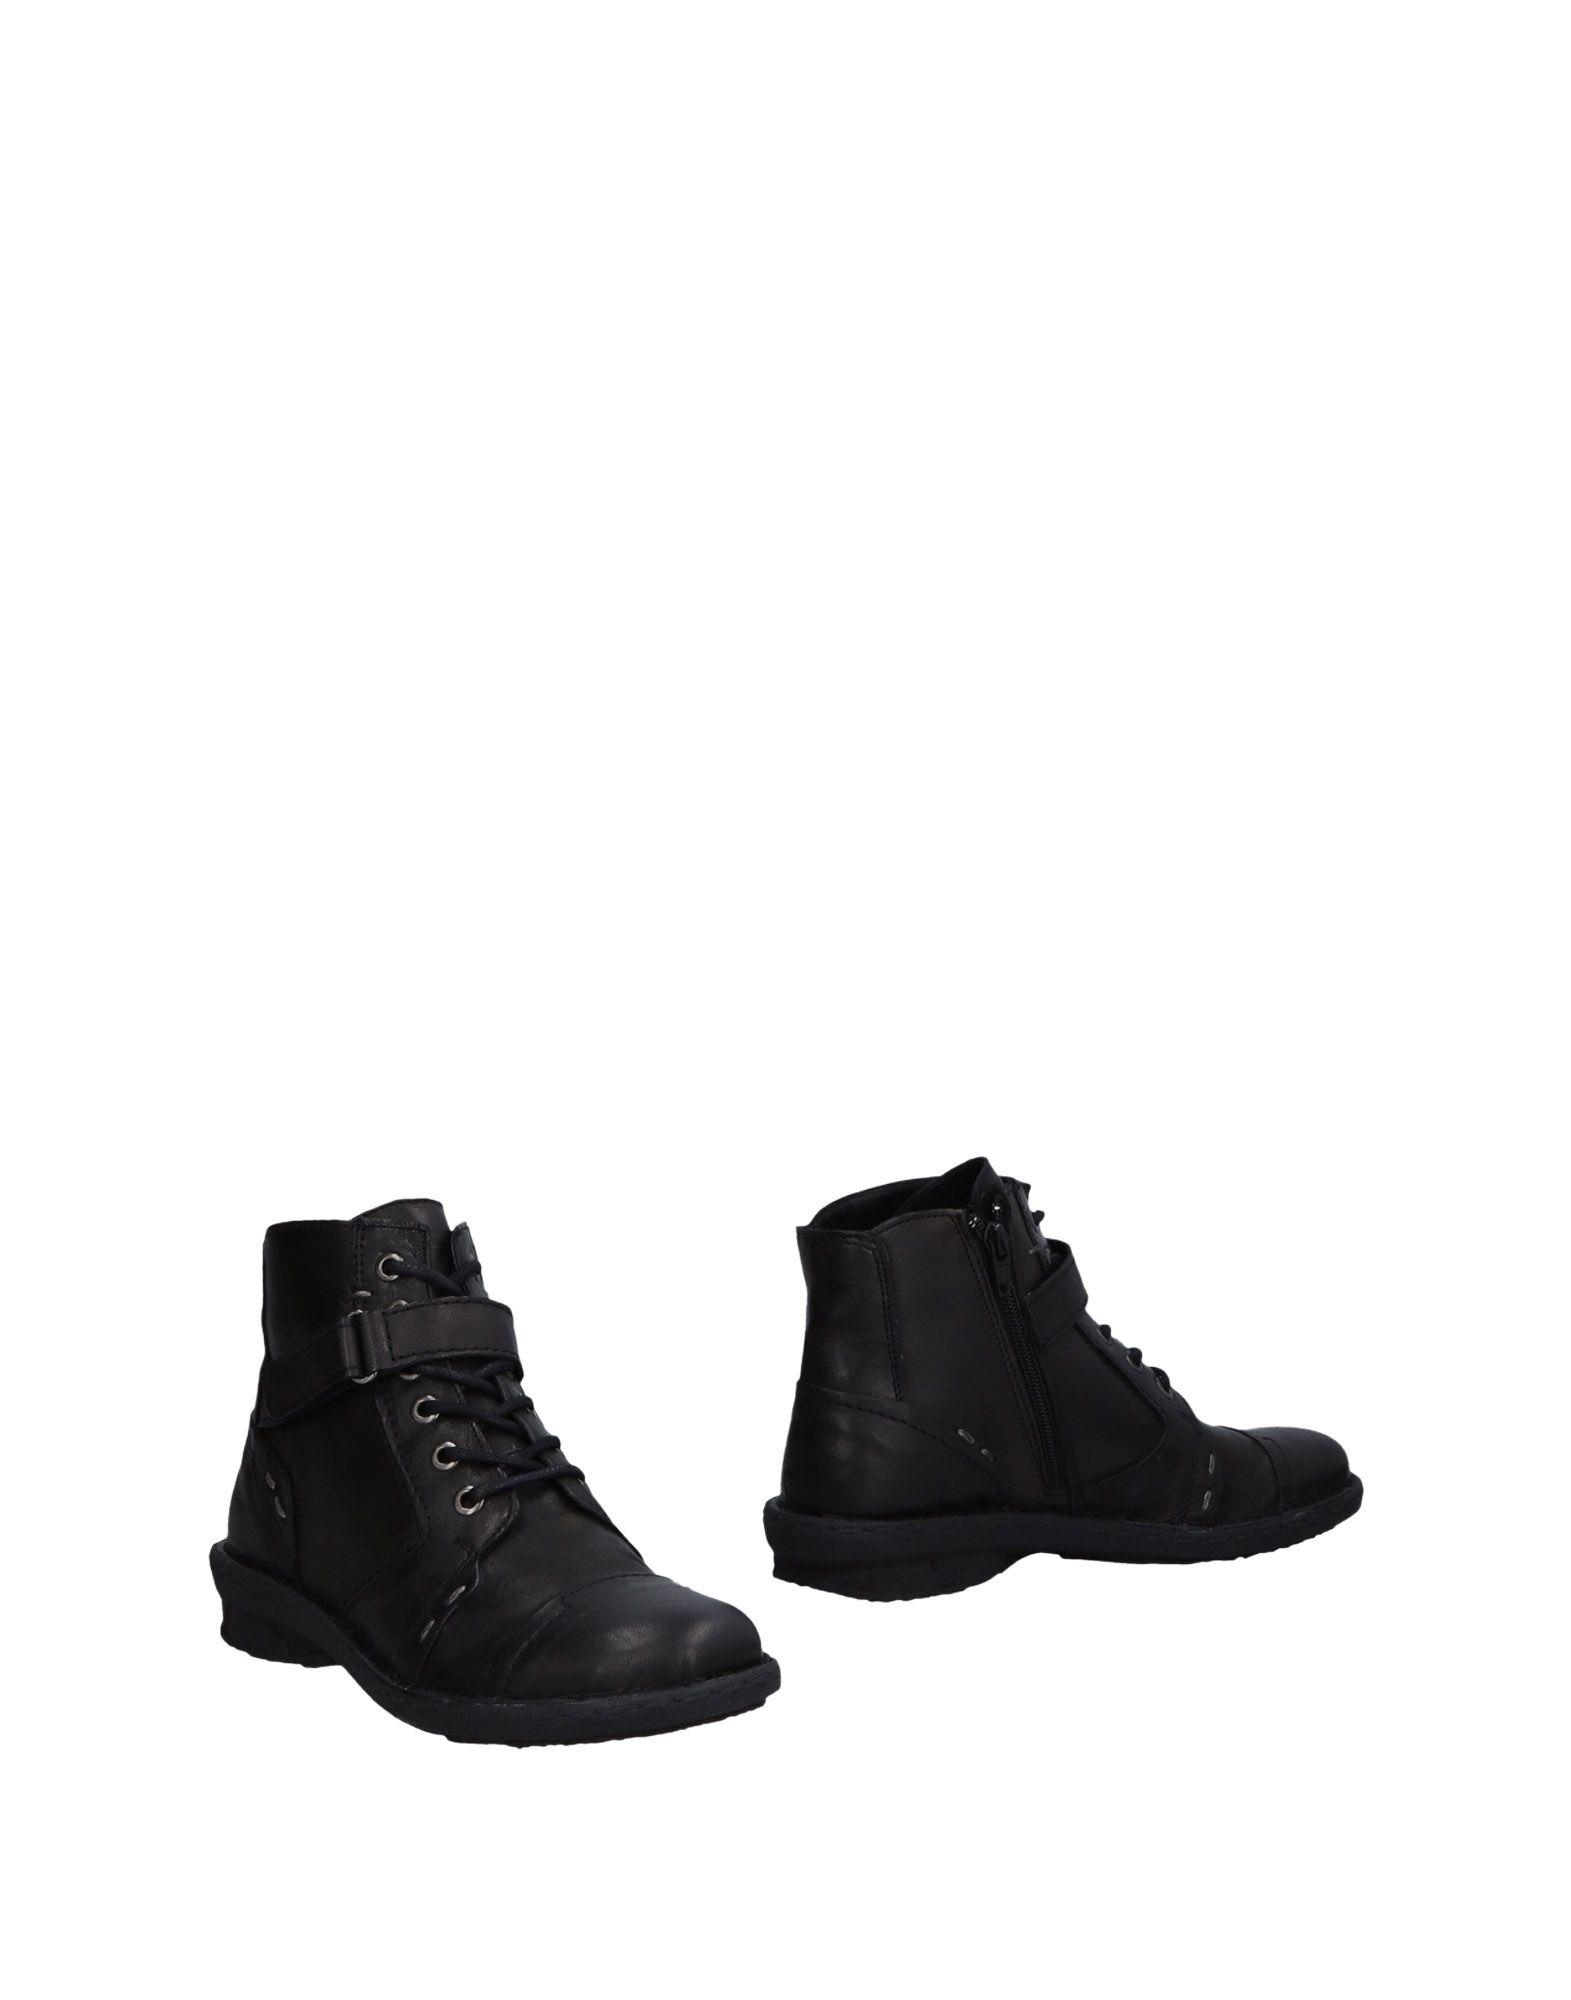 Khrio' Stiefelette Damen  11477455HL Gute Qualität beliebte Schuhe